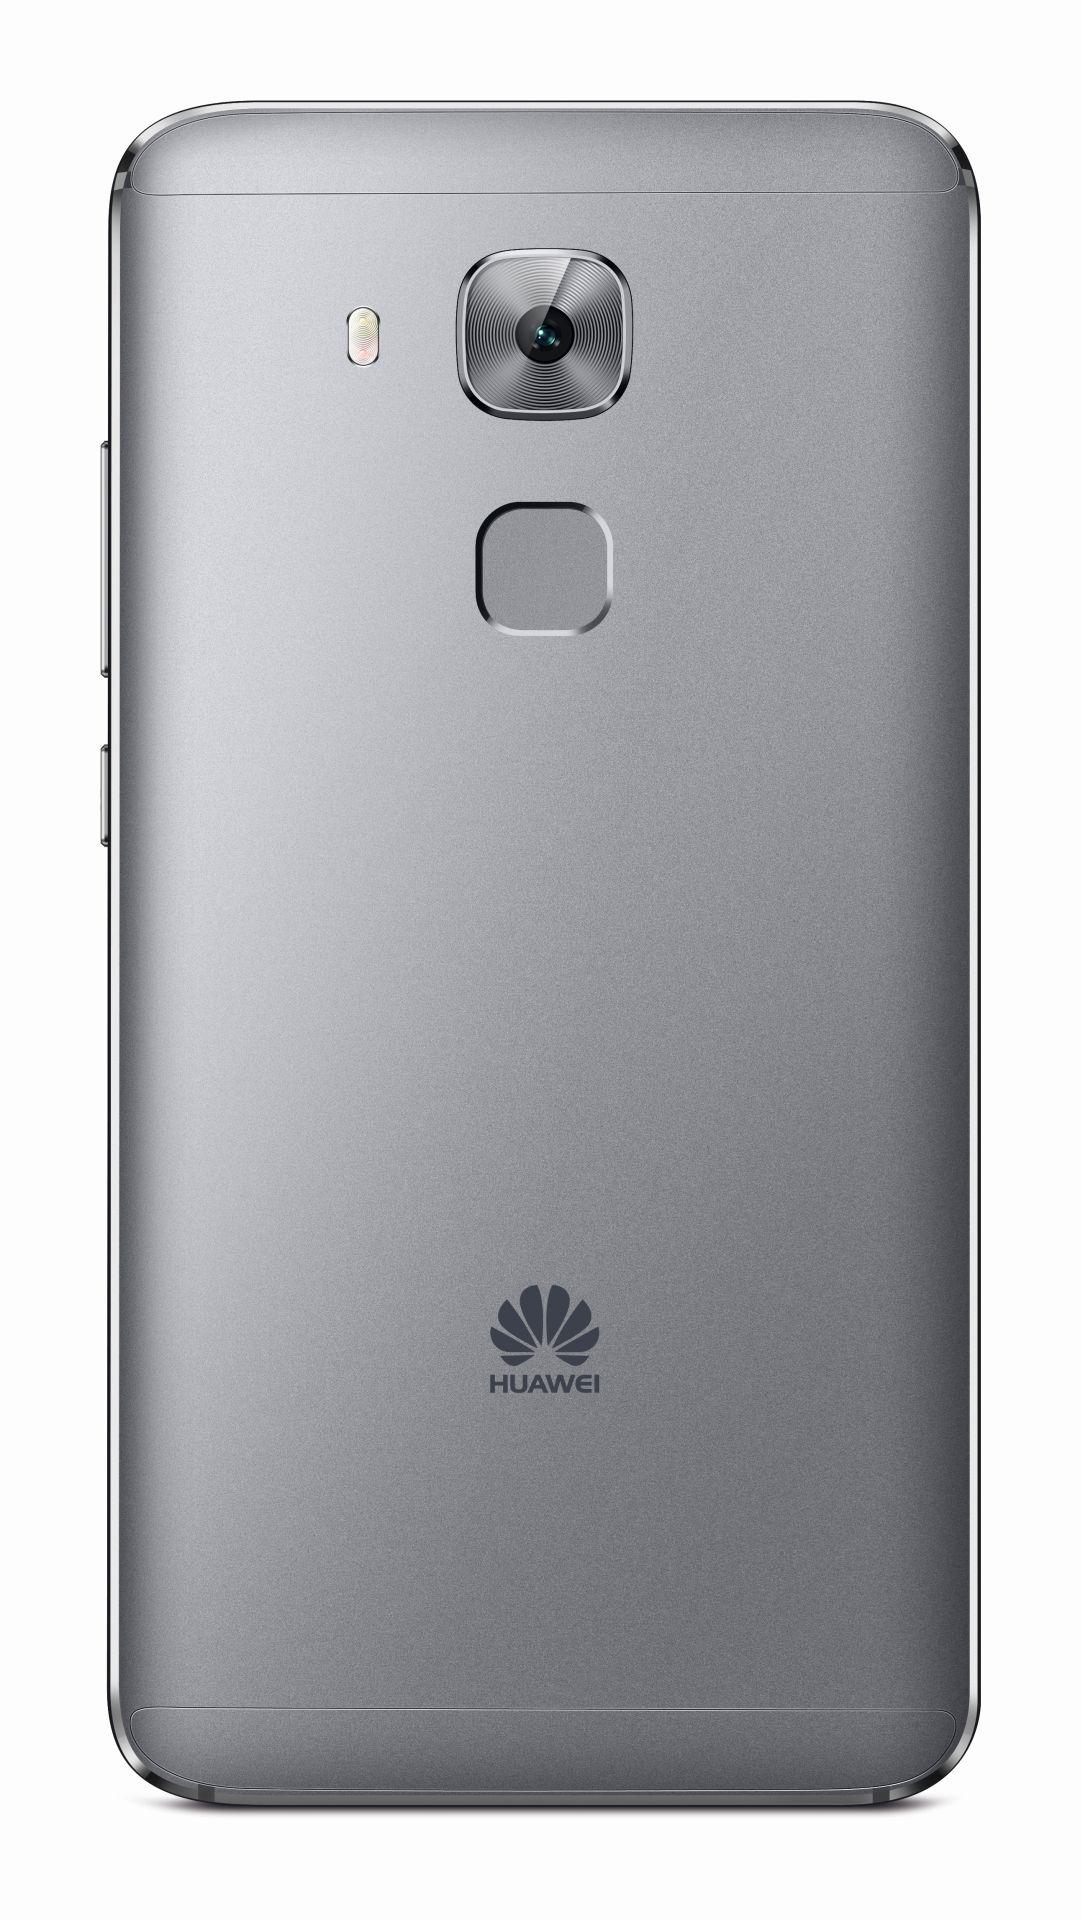 Android-Smartphone: Huawei bringt Nova Plus doch nach Deutschland - Die Kamera des Nova Plus hat 16 Megapixel. (Bild: Huawei)